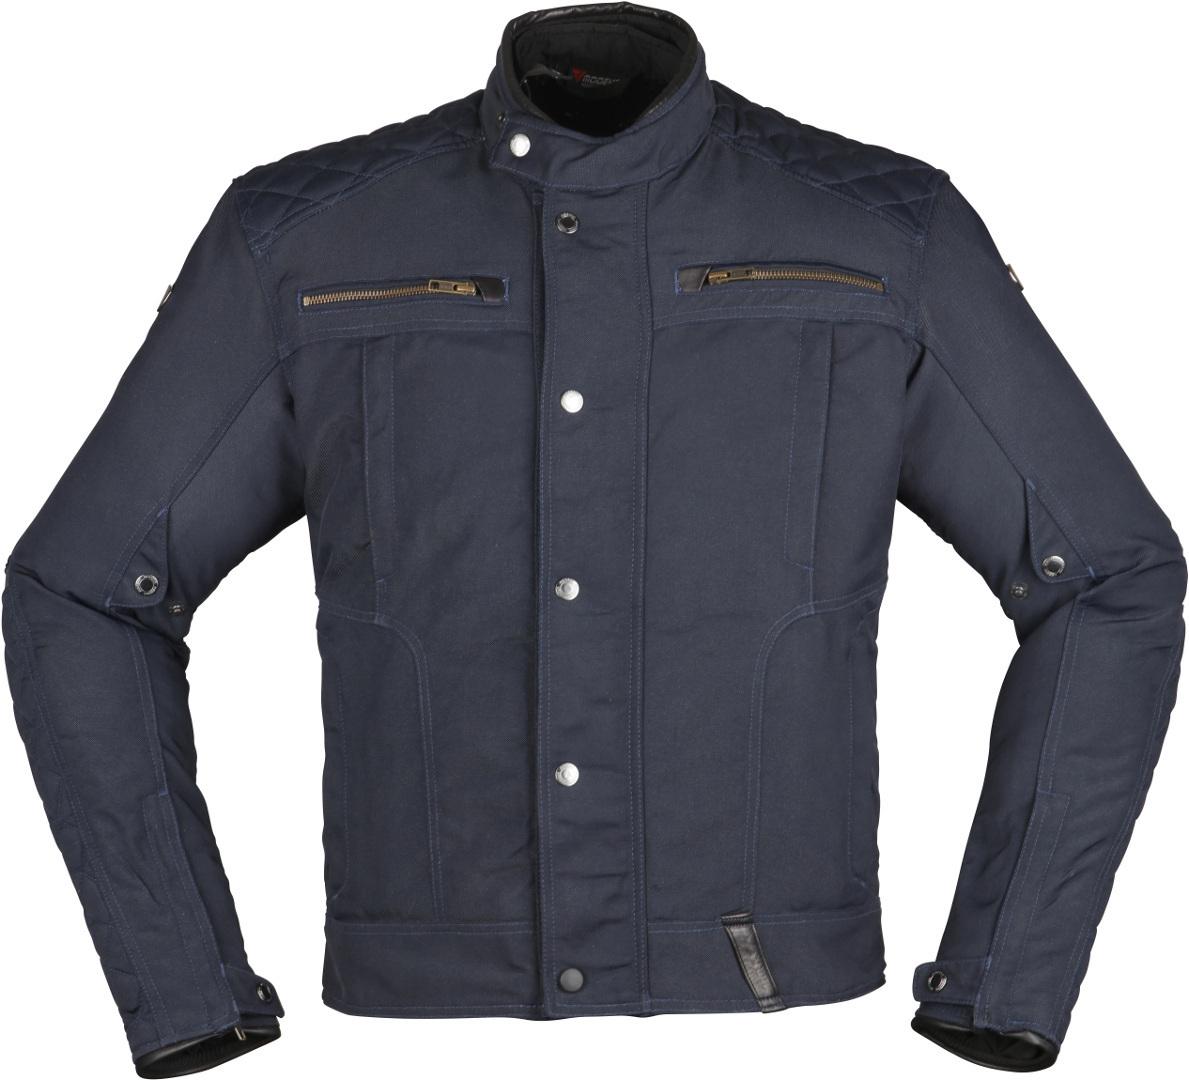 Modeka Thiago Motorrad Textiljacke, blau, Größe 6XL, blau, Größe 6XL